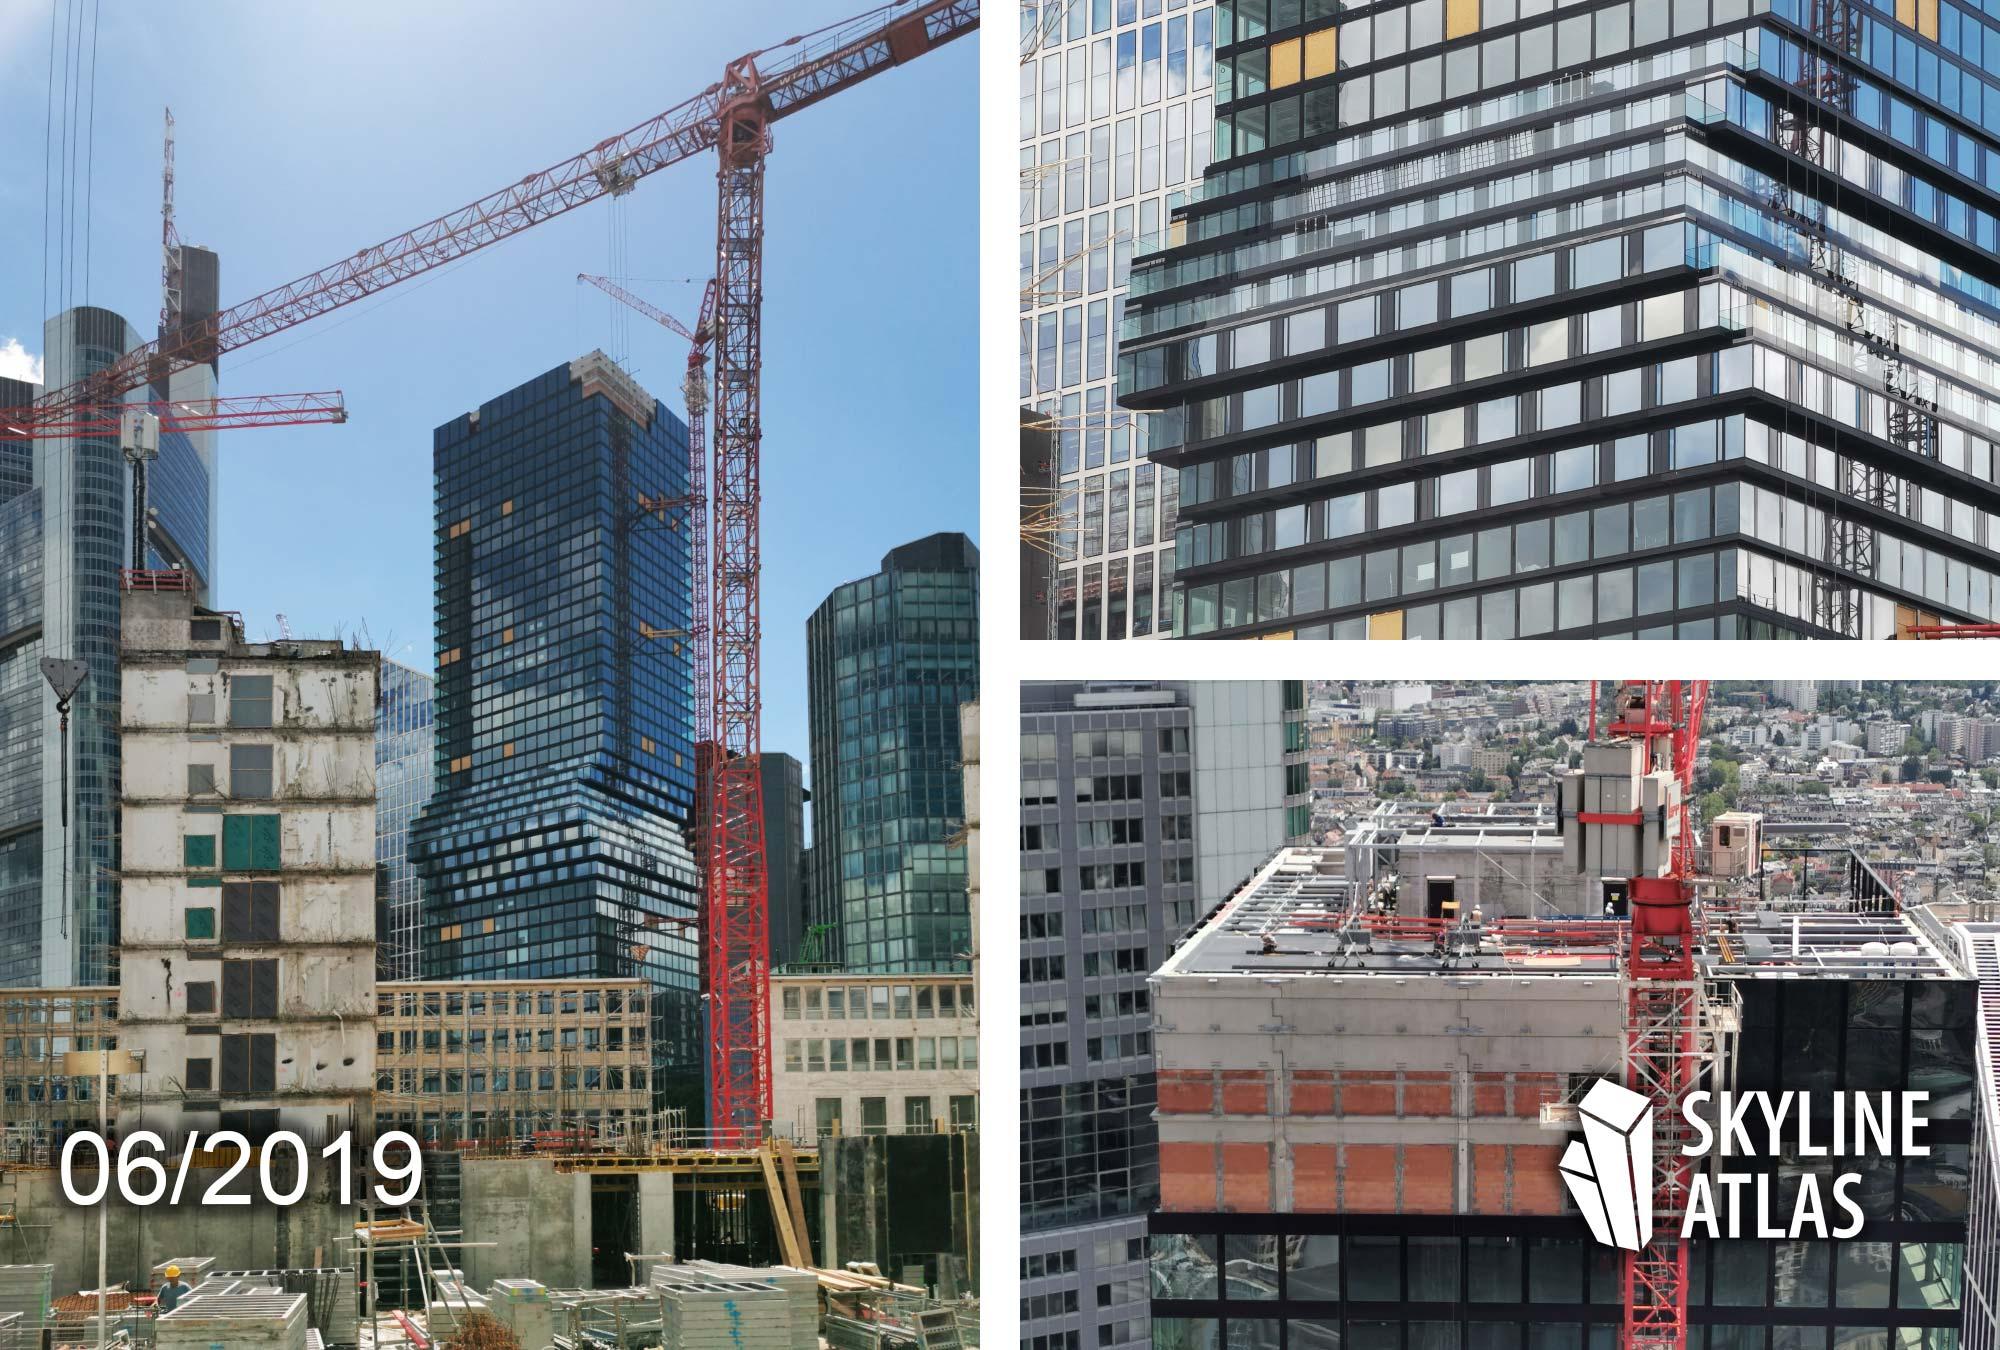 OmniTurm Frankfurt - Glaswolkenkratzer entworfen von BIG Bjarke Ingels Architekten - Baustelle im Juni 2019